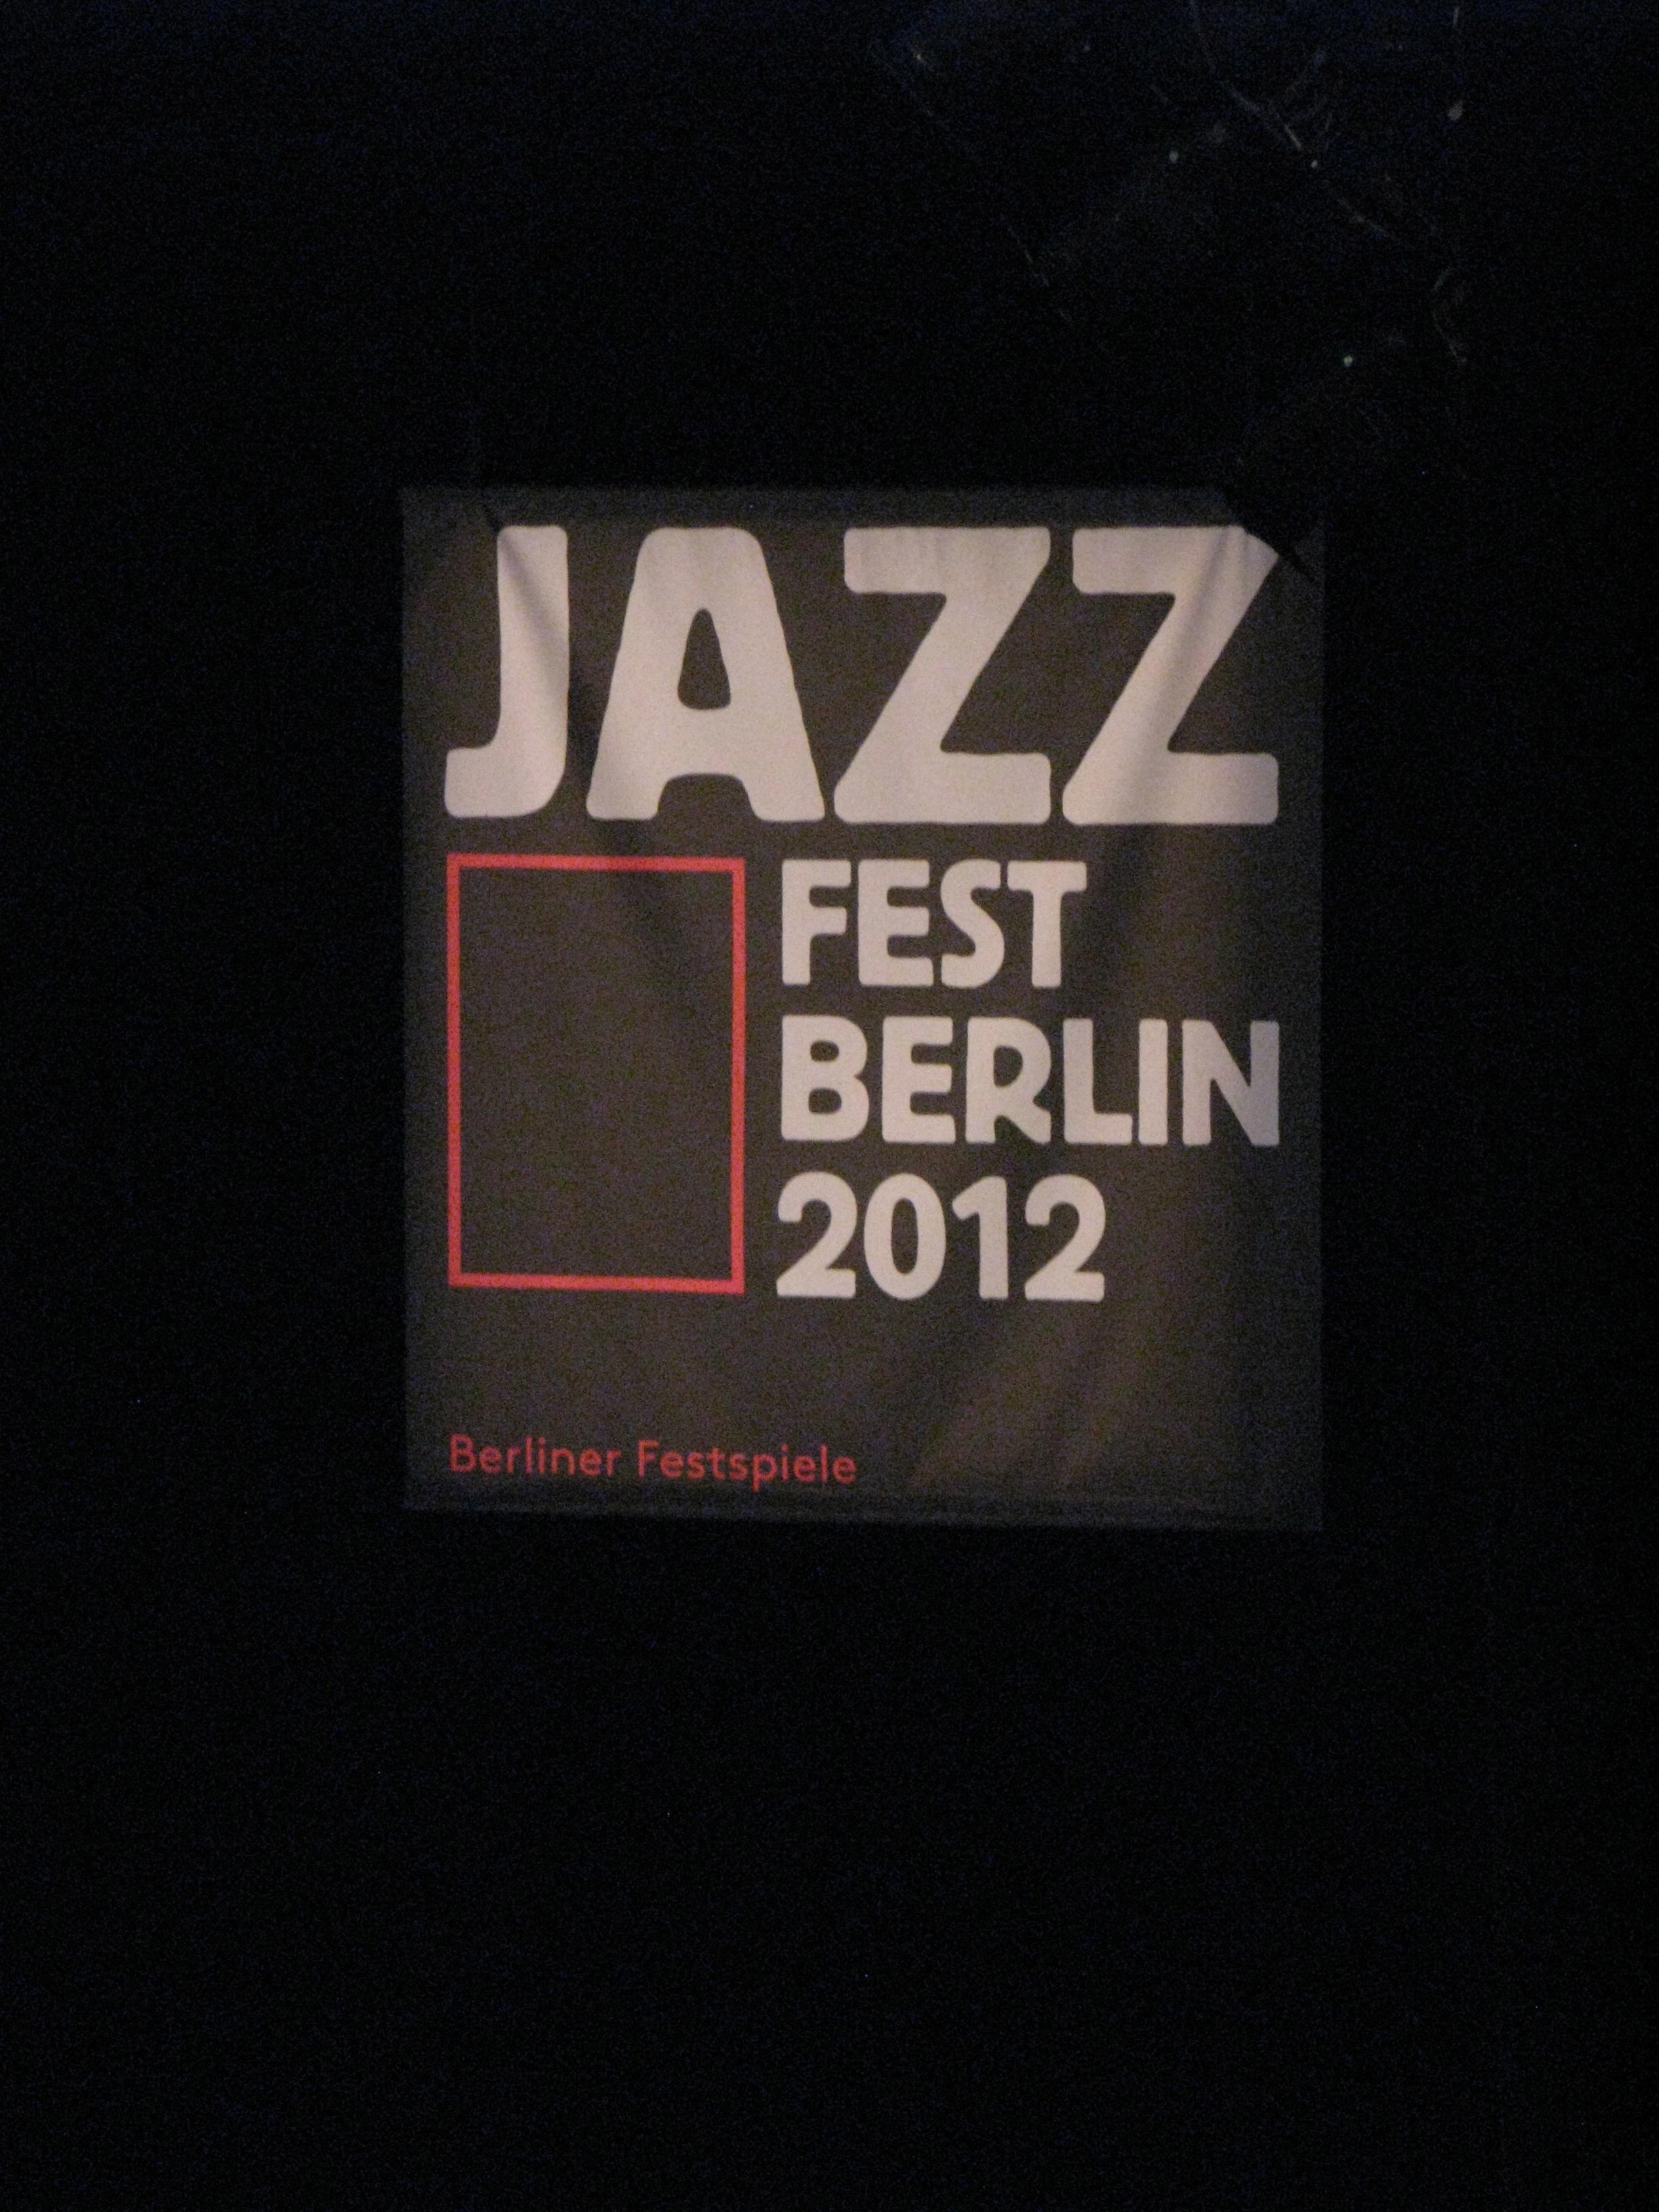 Berlin Jazzfest 2012